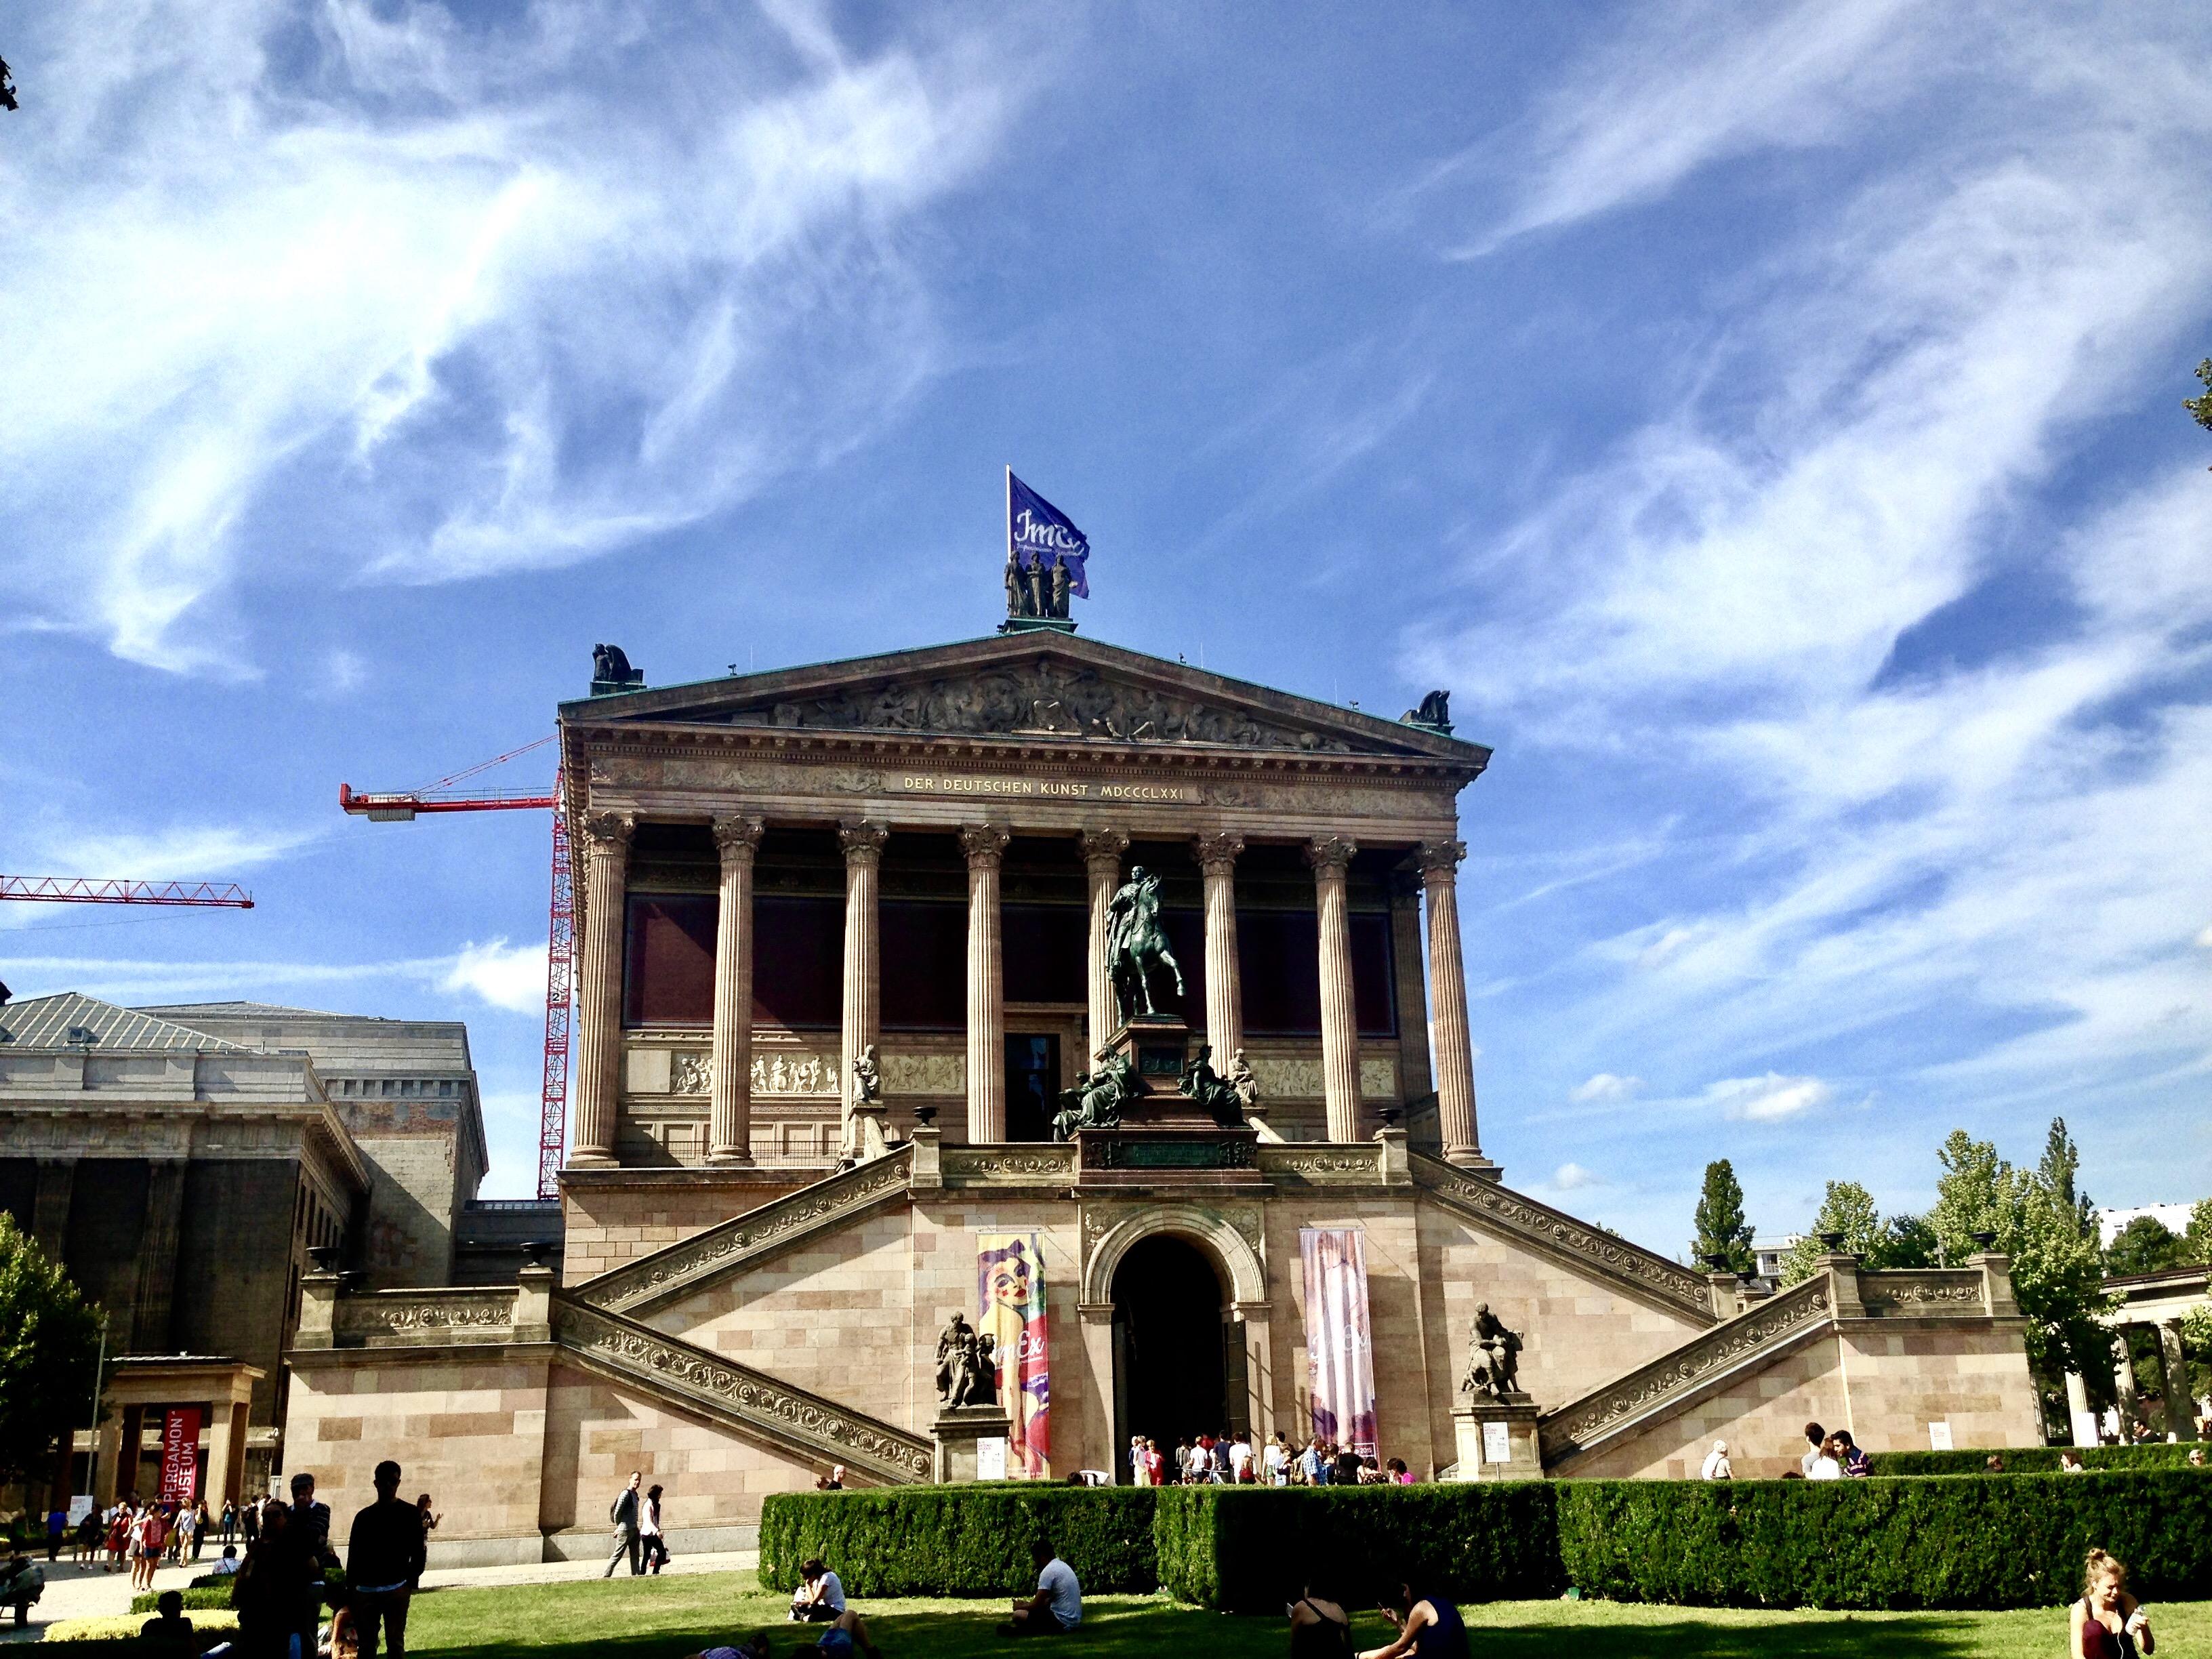 Un alt obiectiv situat pe Insula muzeelor, Alte Nationalgalerie